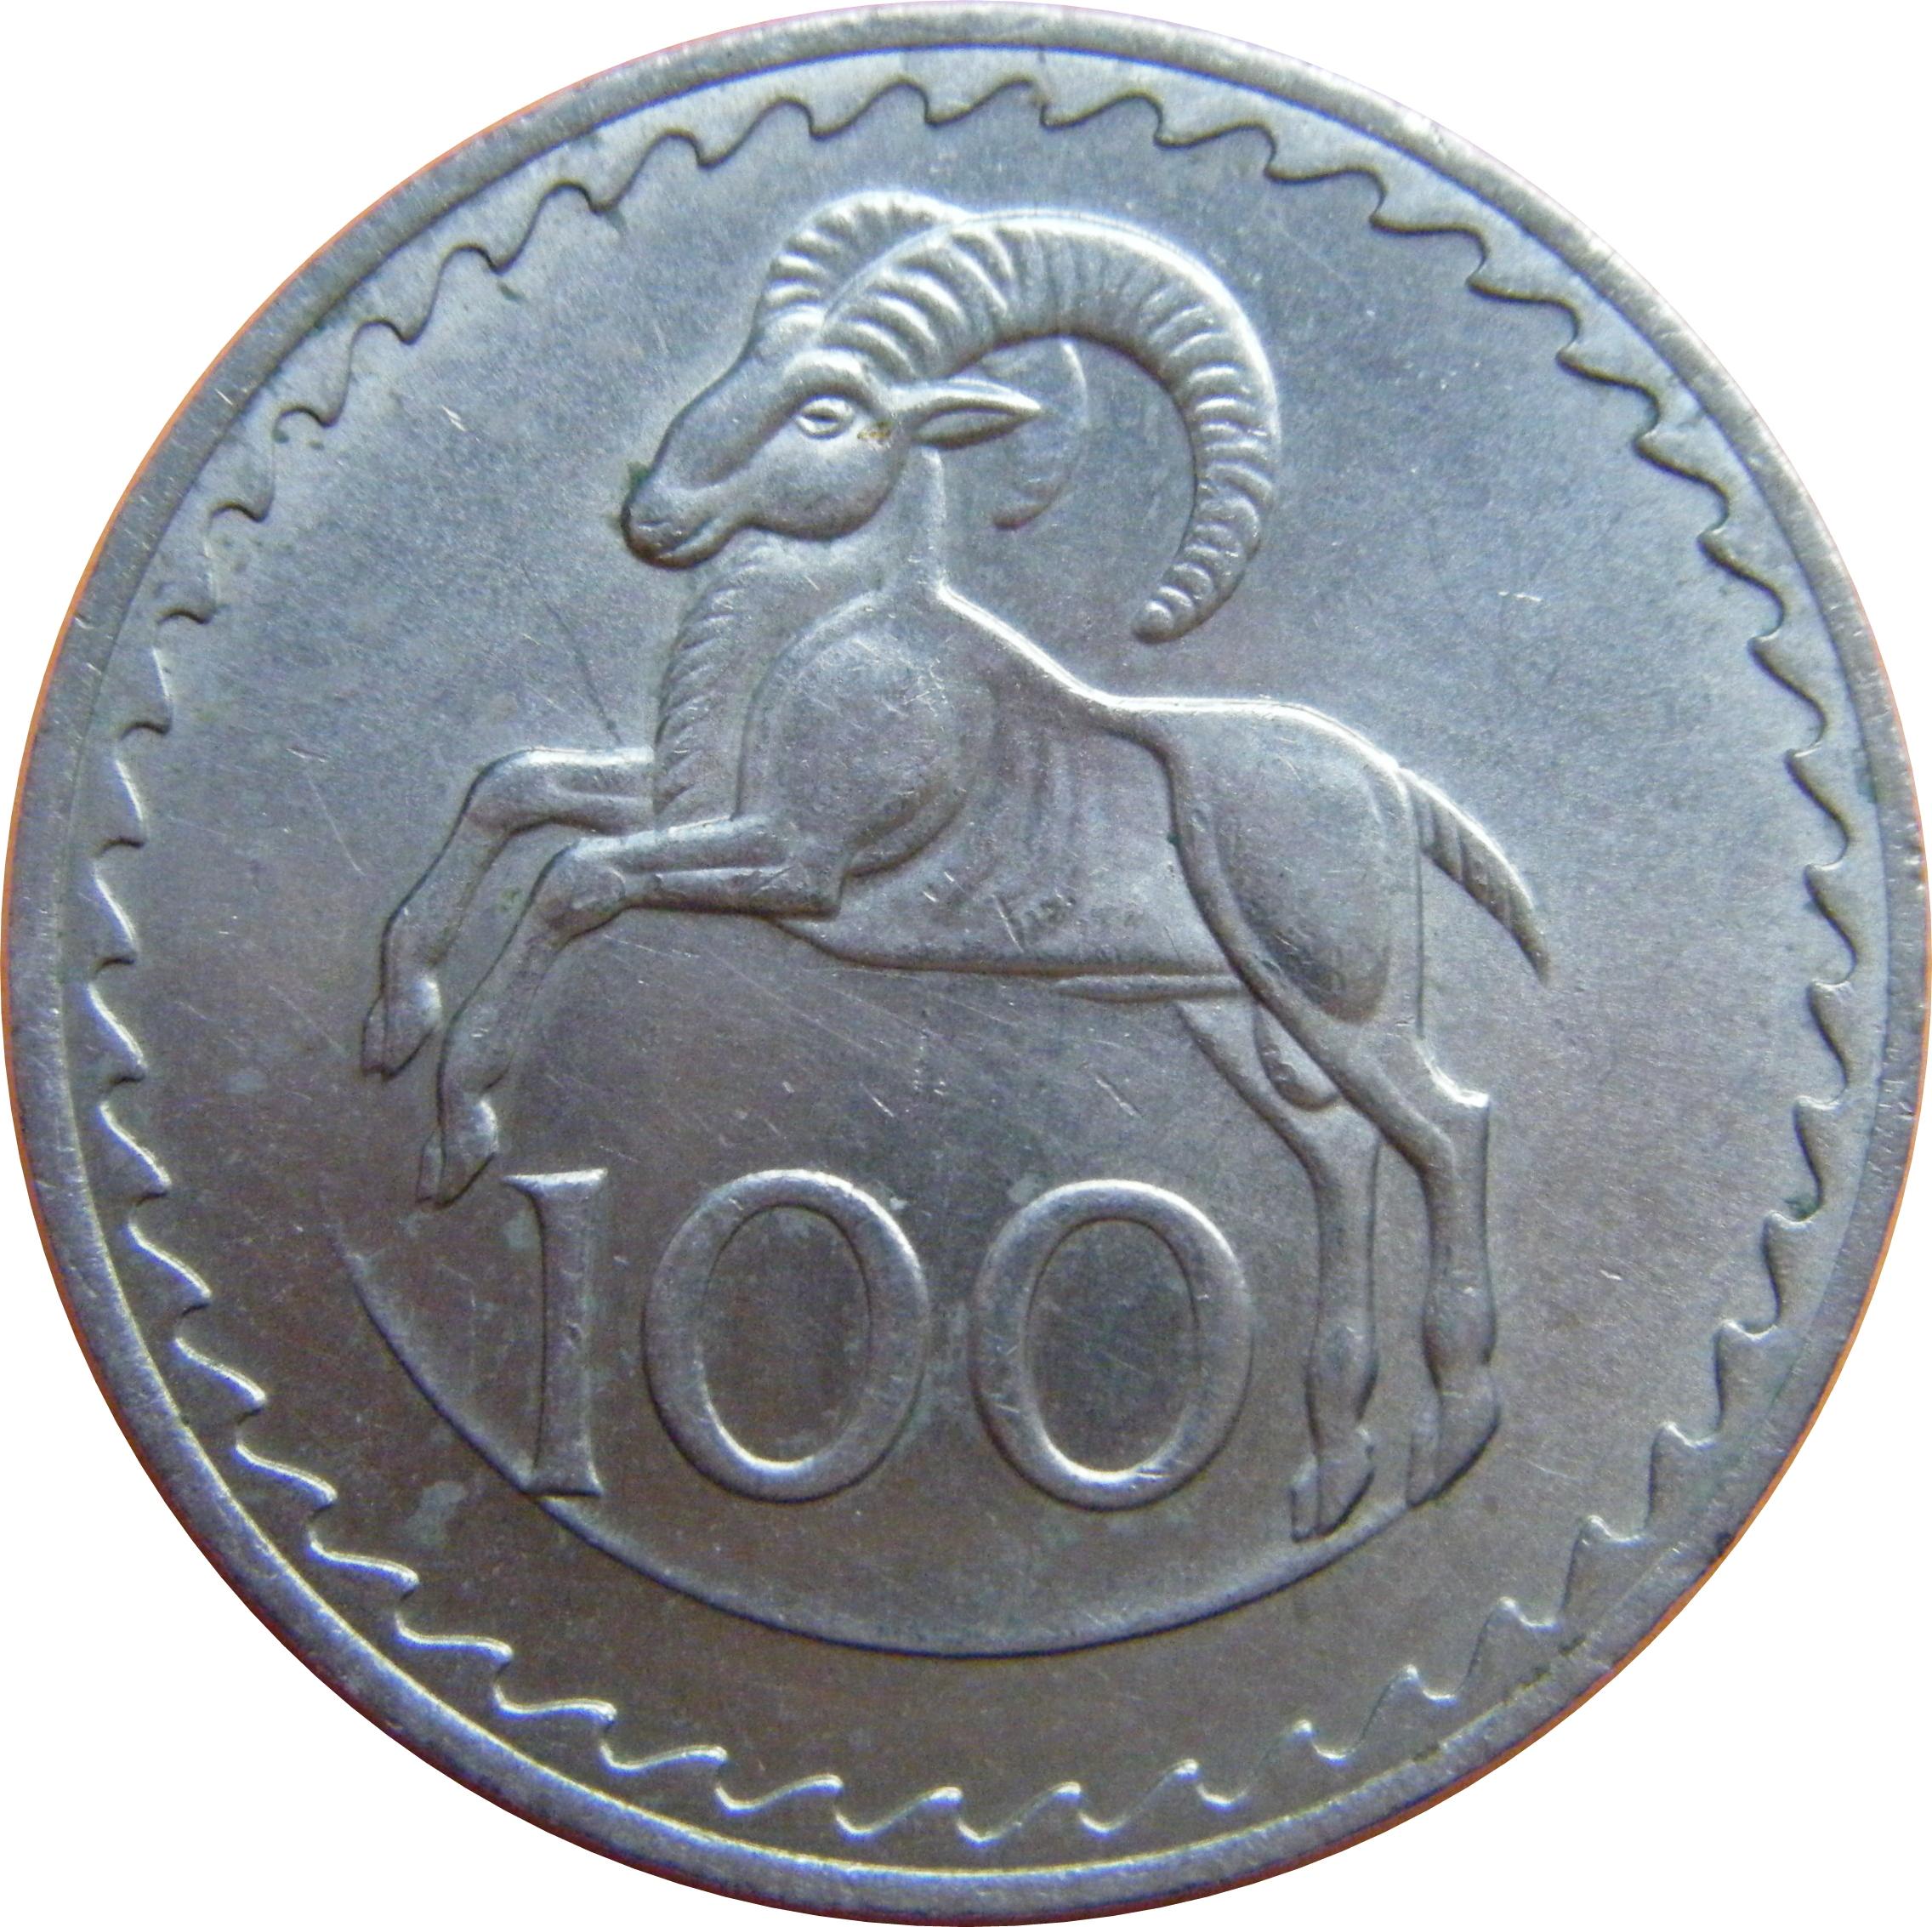 kibris cumhuriyeti coin 1960